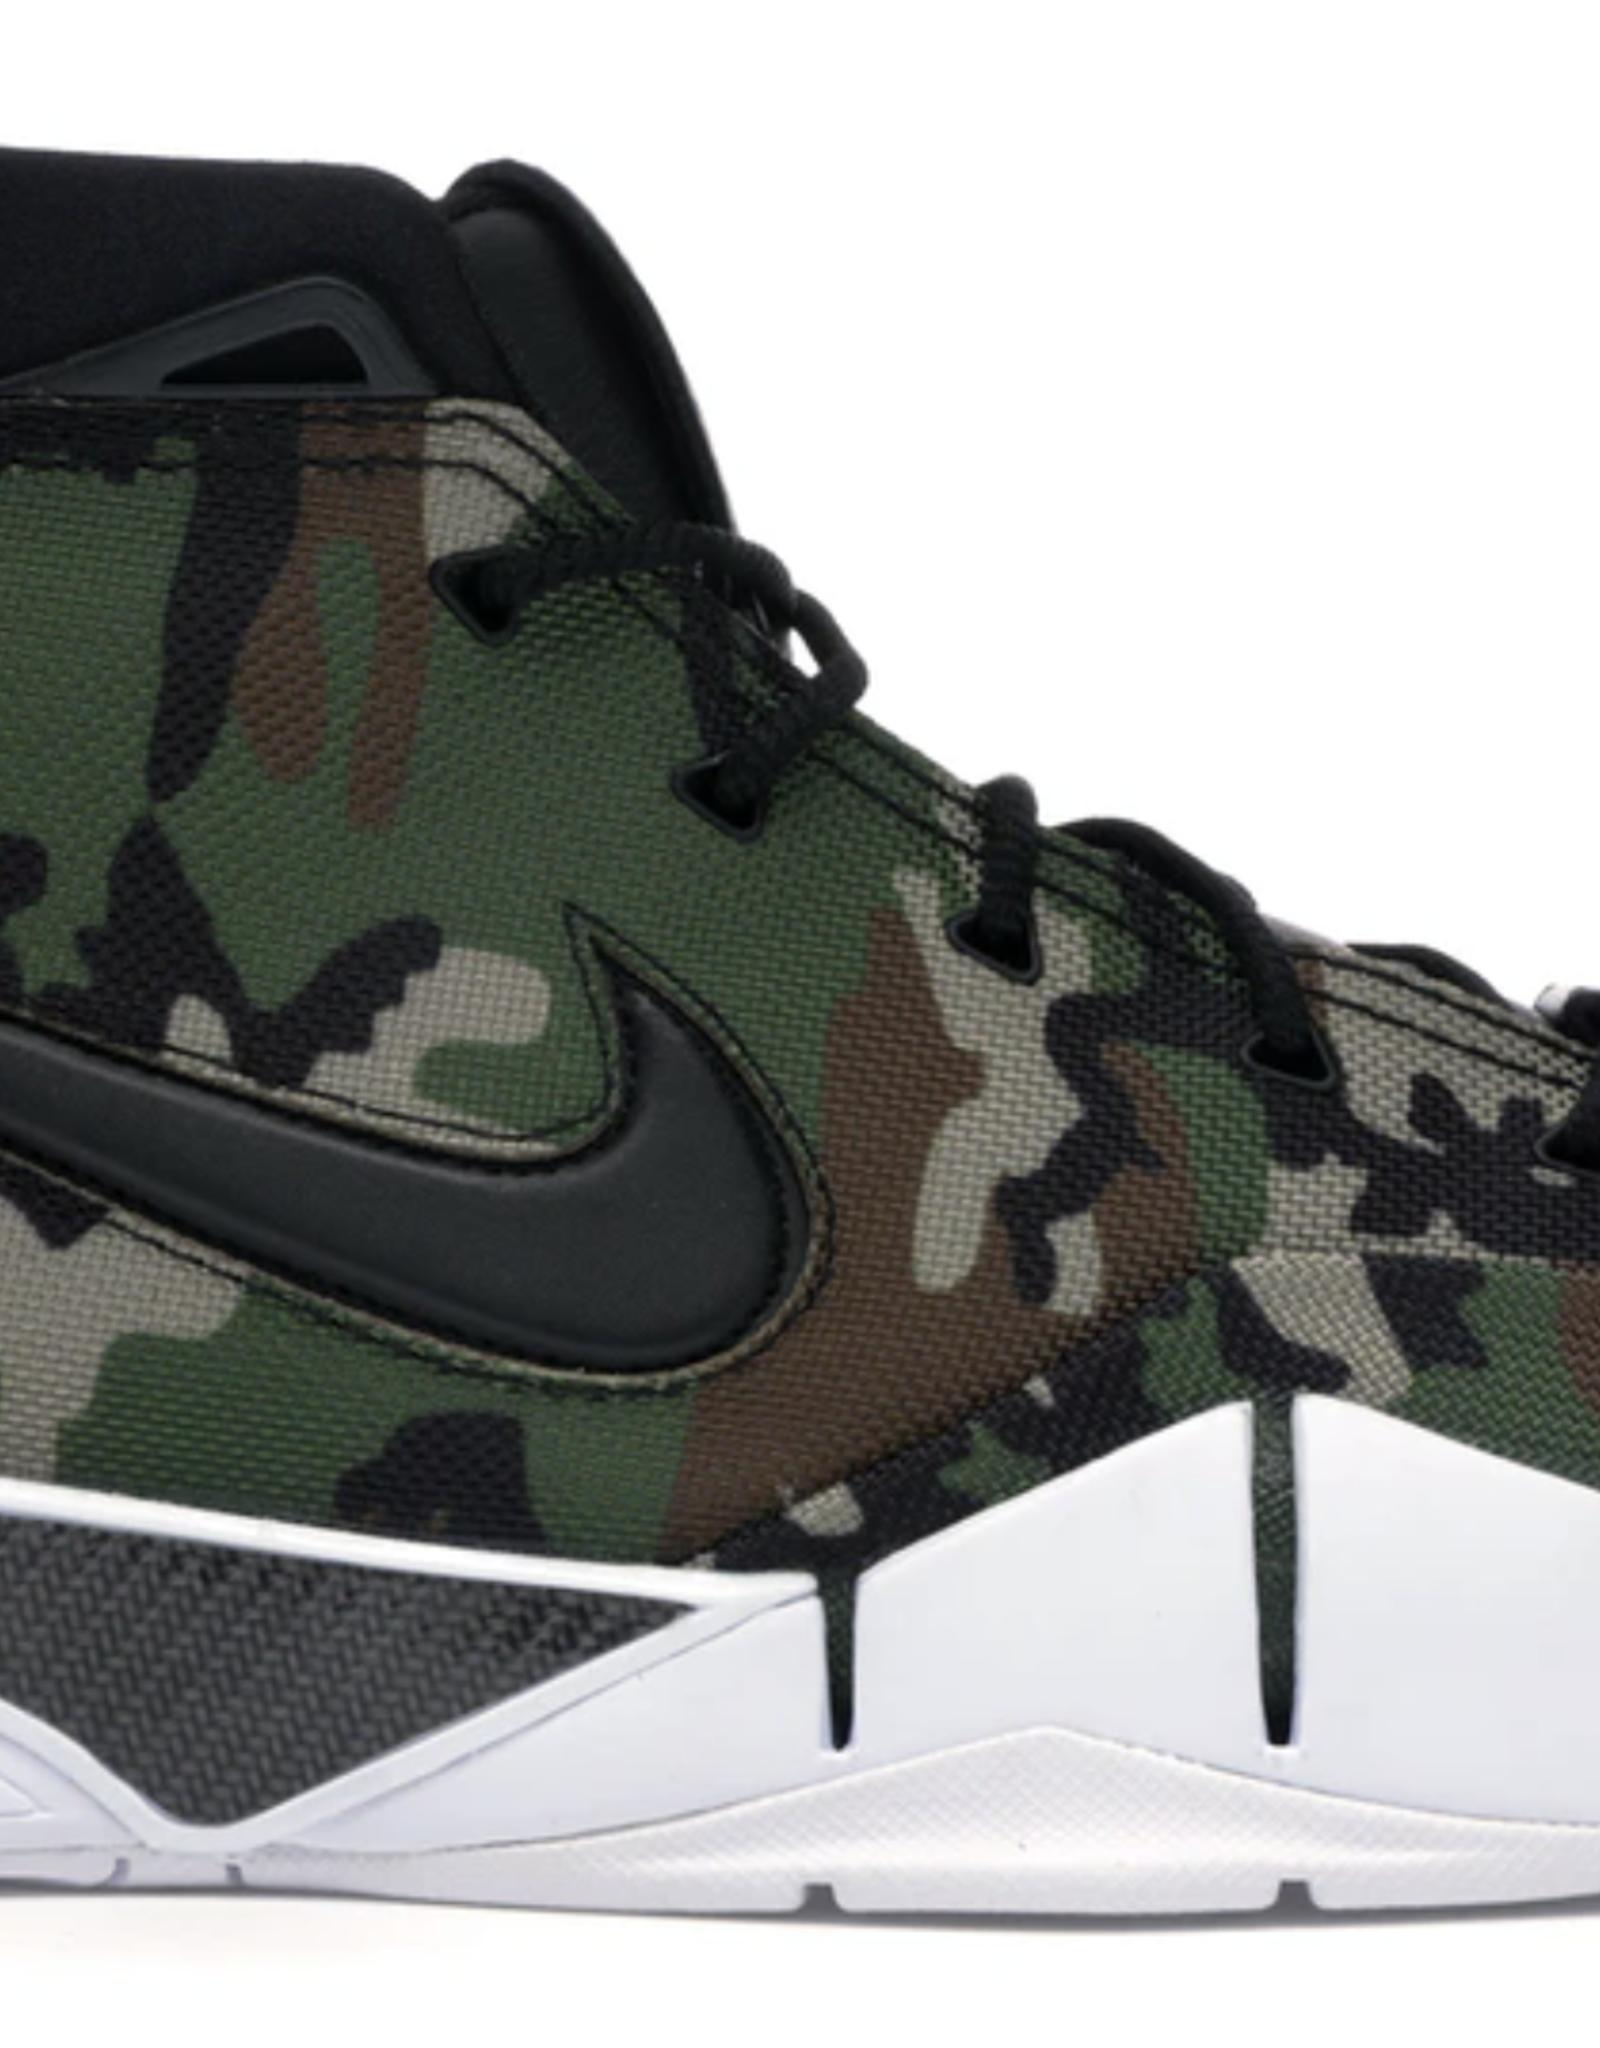 NIKE Nike Kobe 1 Protro Undefeated Camo